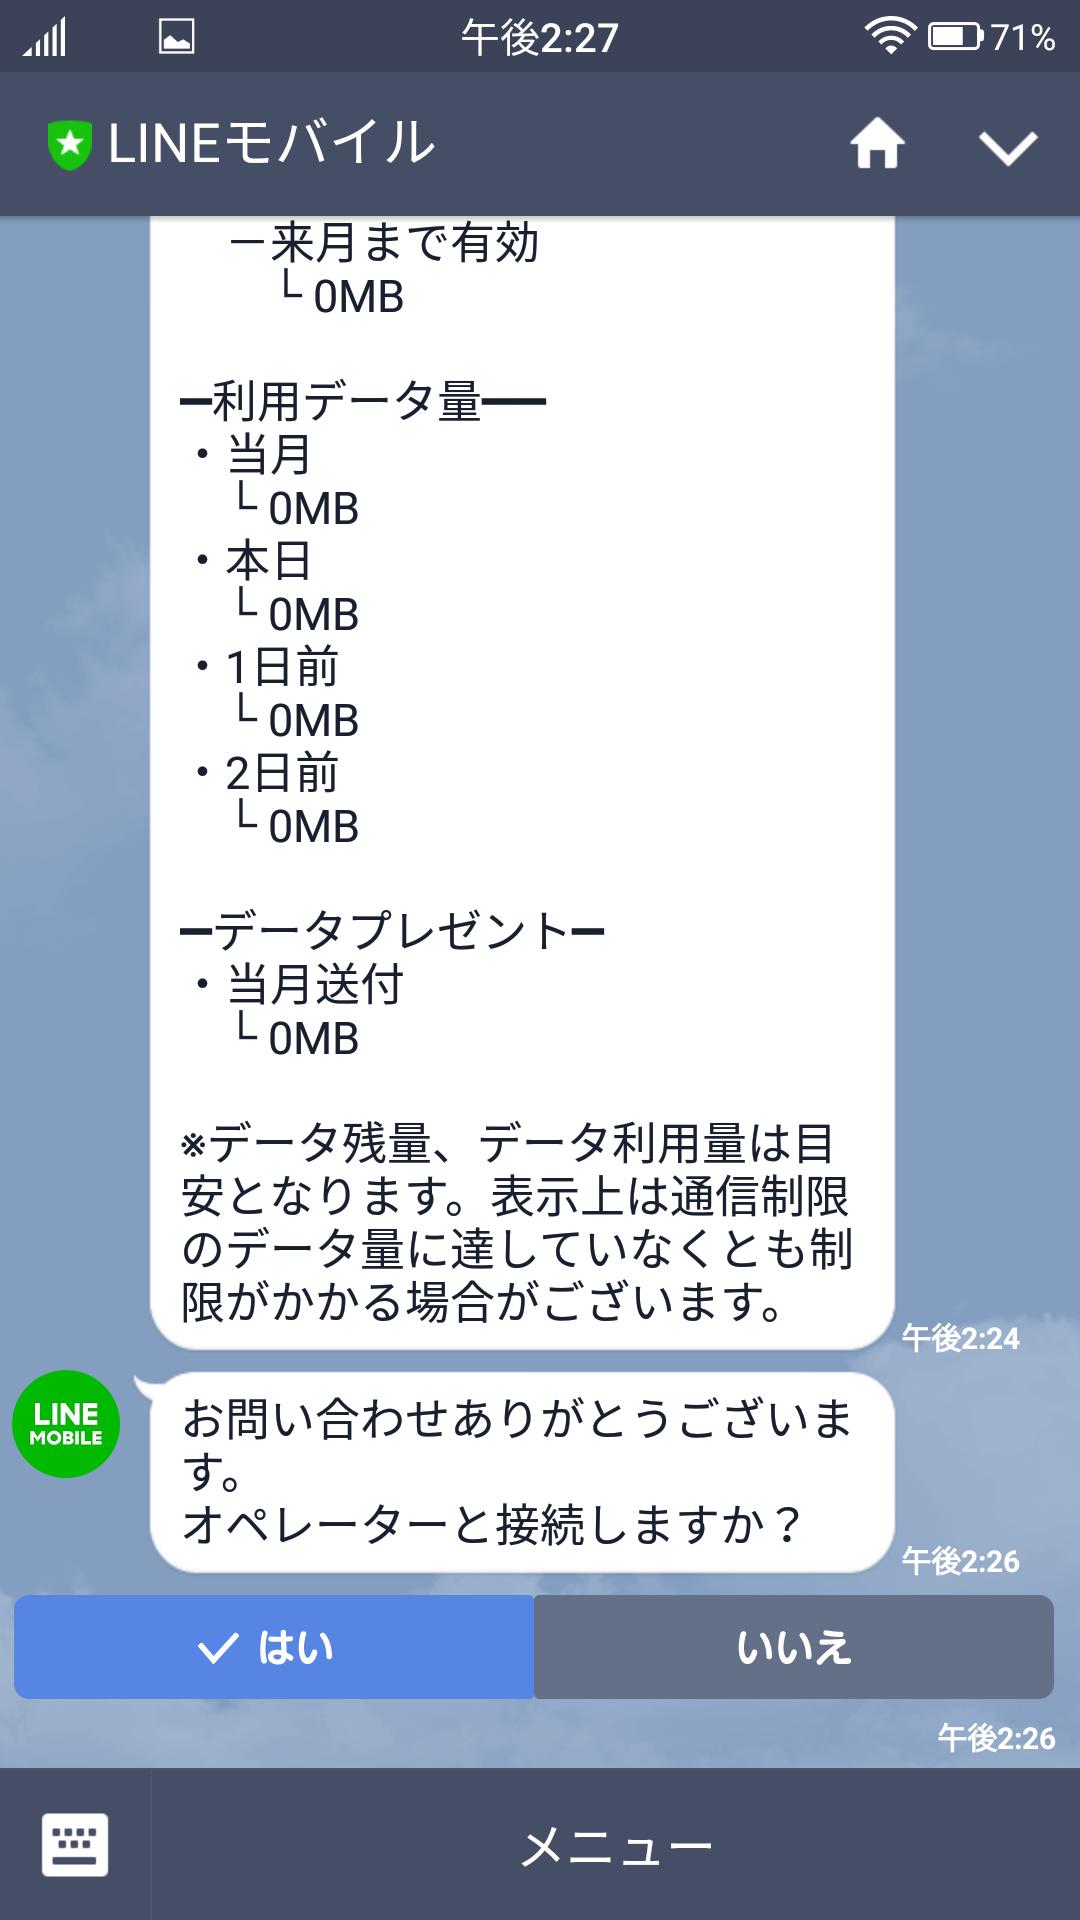 LINEでLINEモバイルのサポート、その1